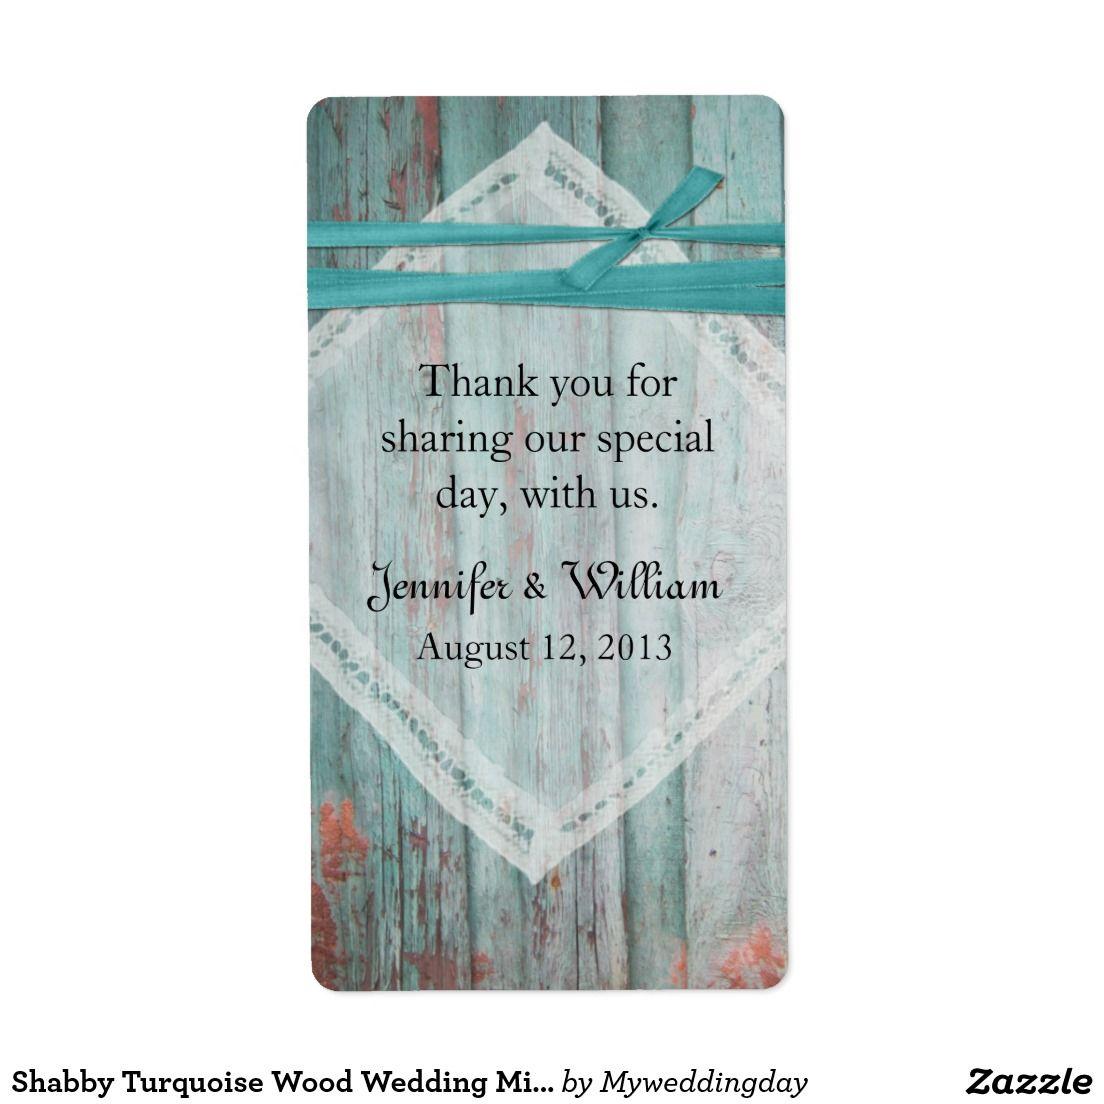 Shabby Turquoise Wood Wedding Mini Wine Label Shipping Label ...